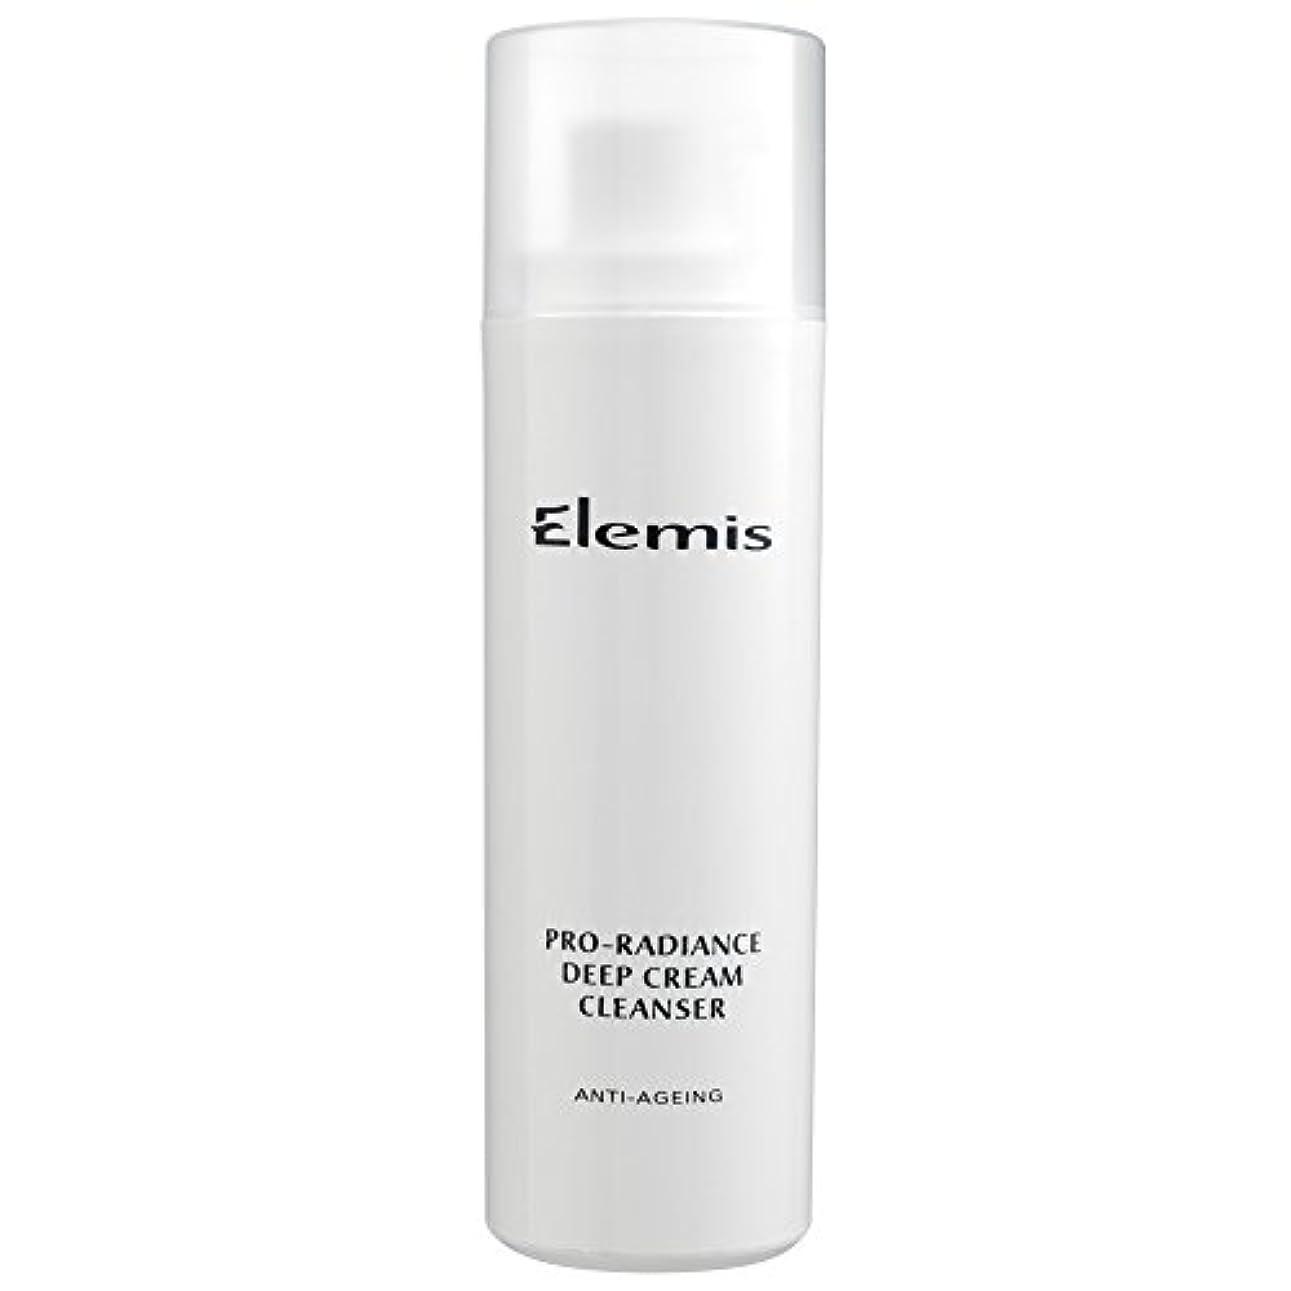 原稿繁雑ハーフエレミスプロ輝きクリームクレンザー、150ミリリットル (Elemis) - Elemis Pro-Radiance Cream Cleanser, 150ml [並行輸入品]